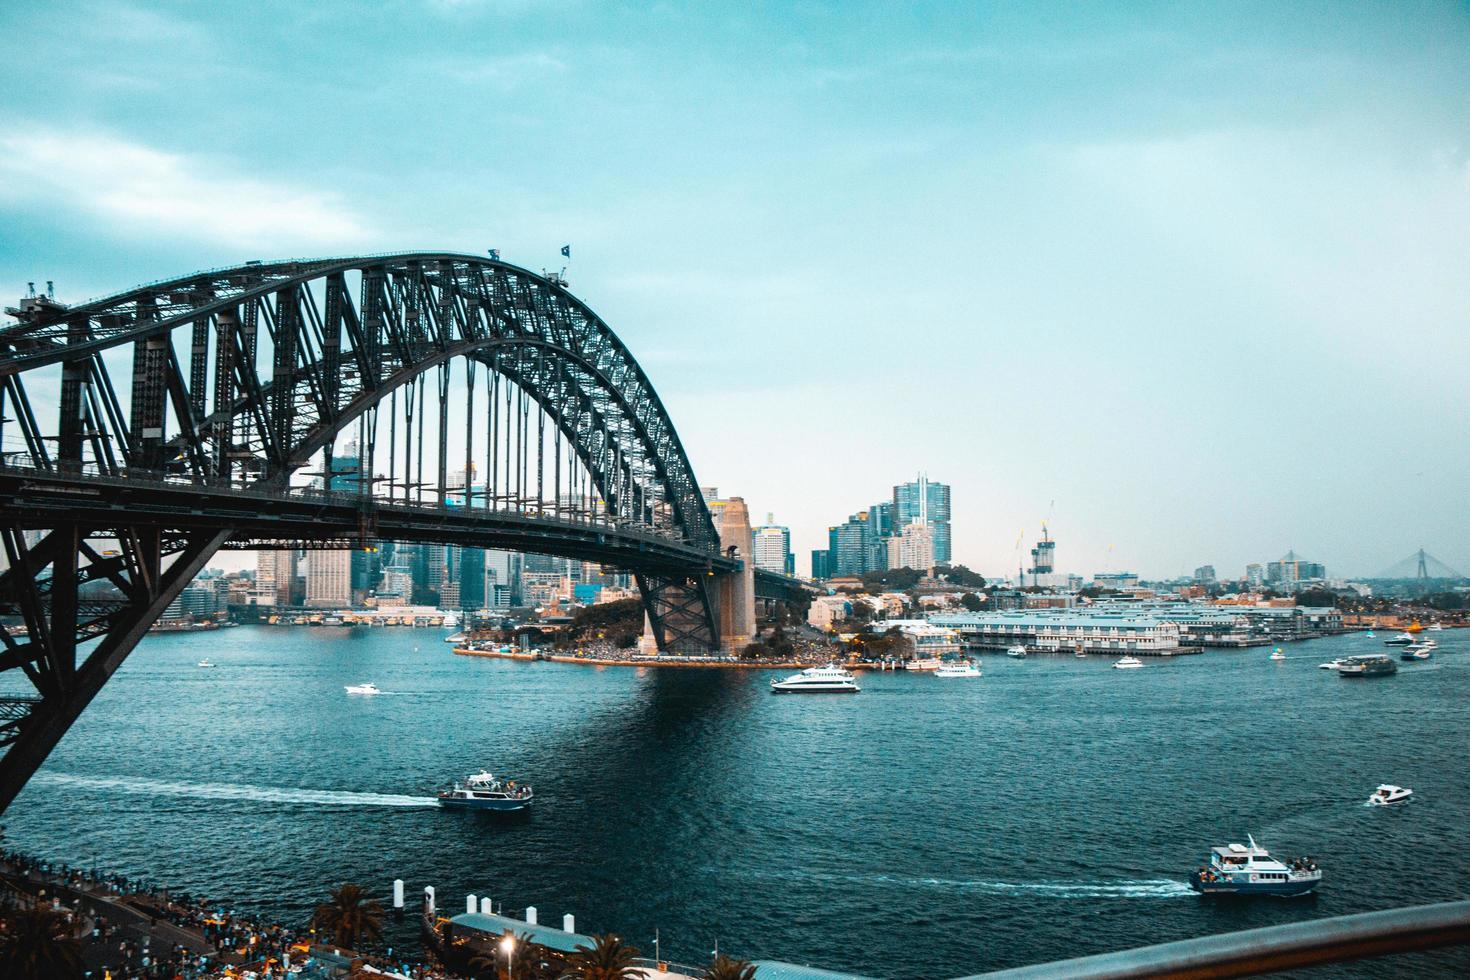 los barcos pasan por la ciudad foto